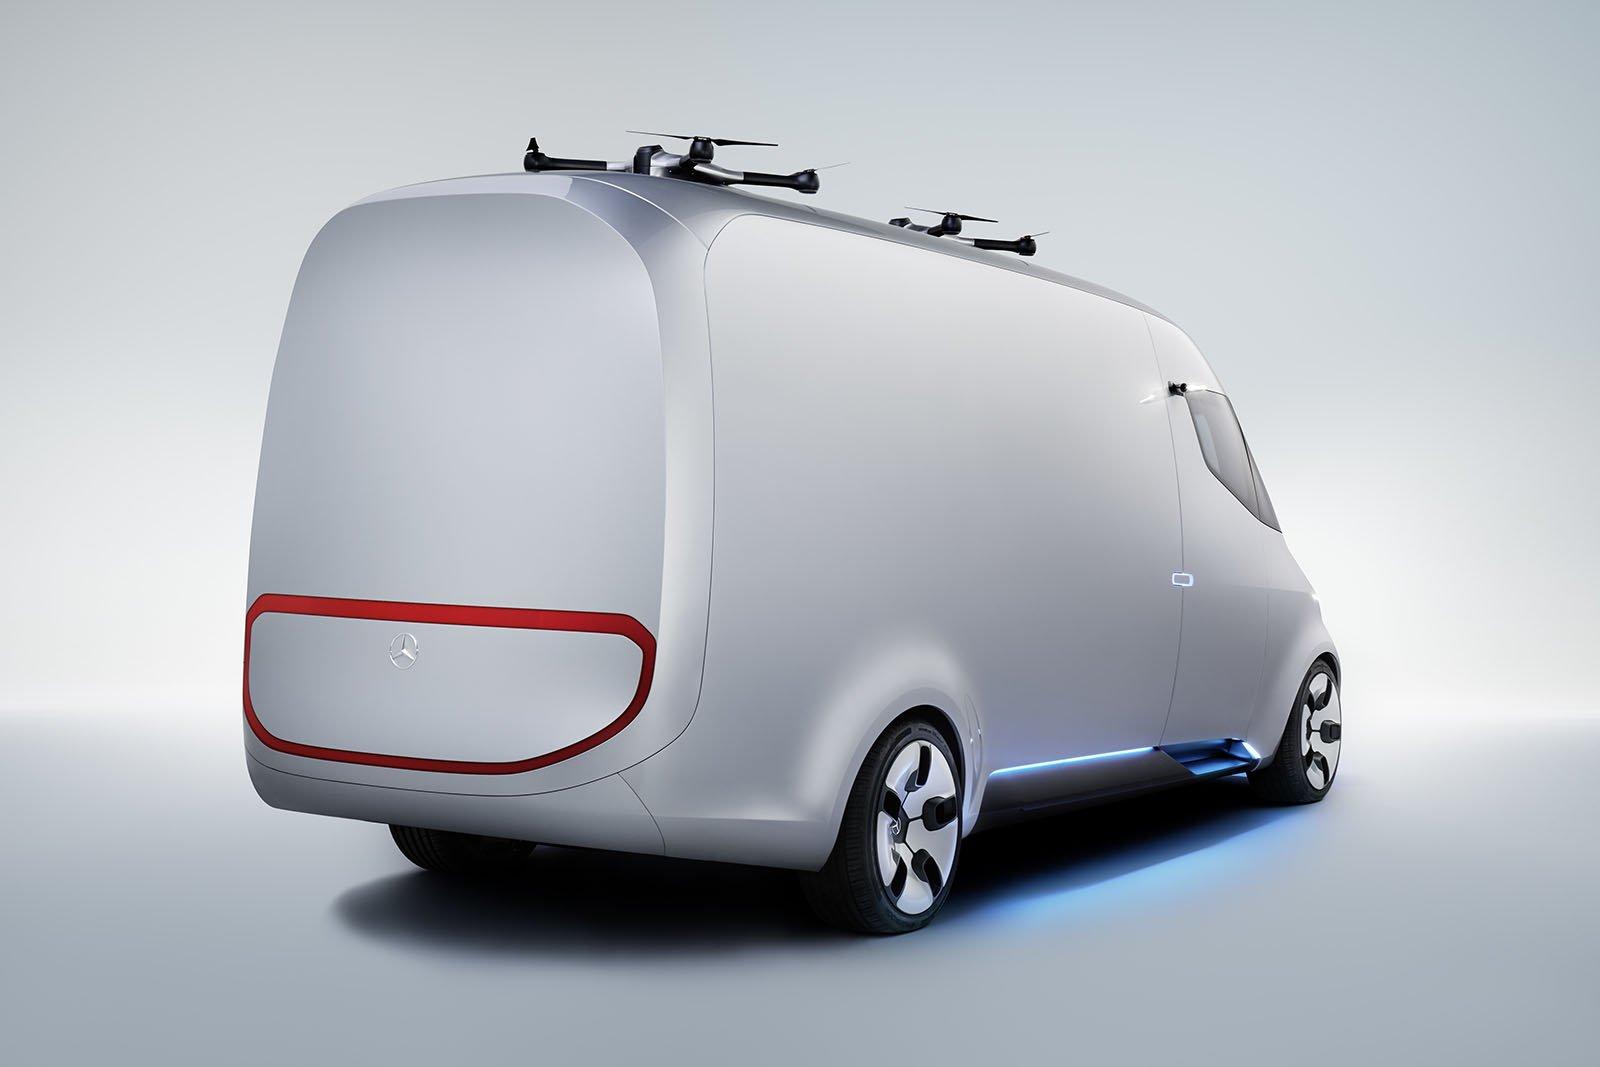 Mercedes-Benz Vision Van har en LED-skärm på bakpartiet som kan visa budskap till medtrafikanter.